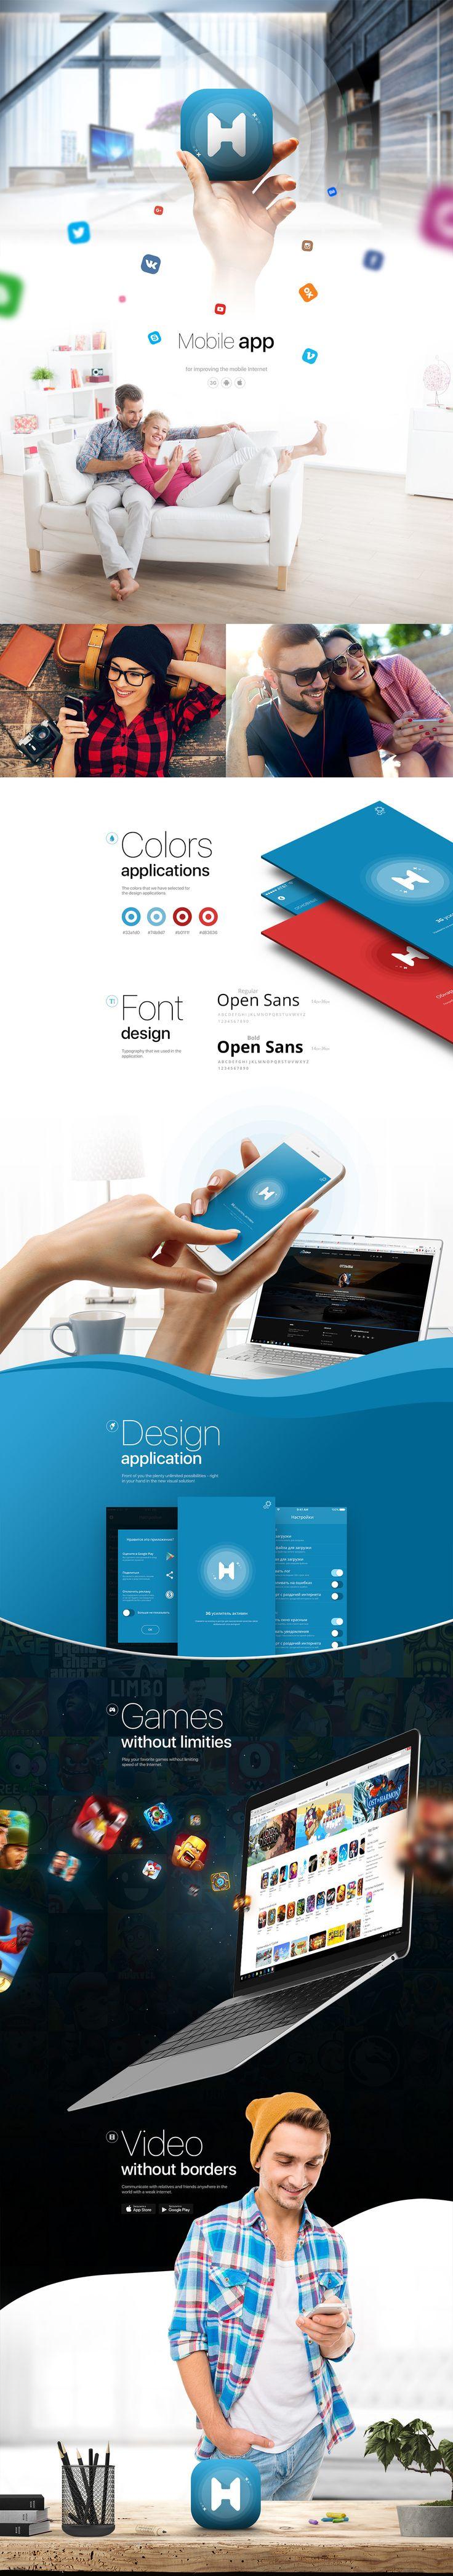 http://themeforest.net/item/appsworld-apps-landing-psd- on Behance